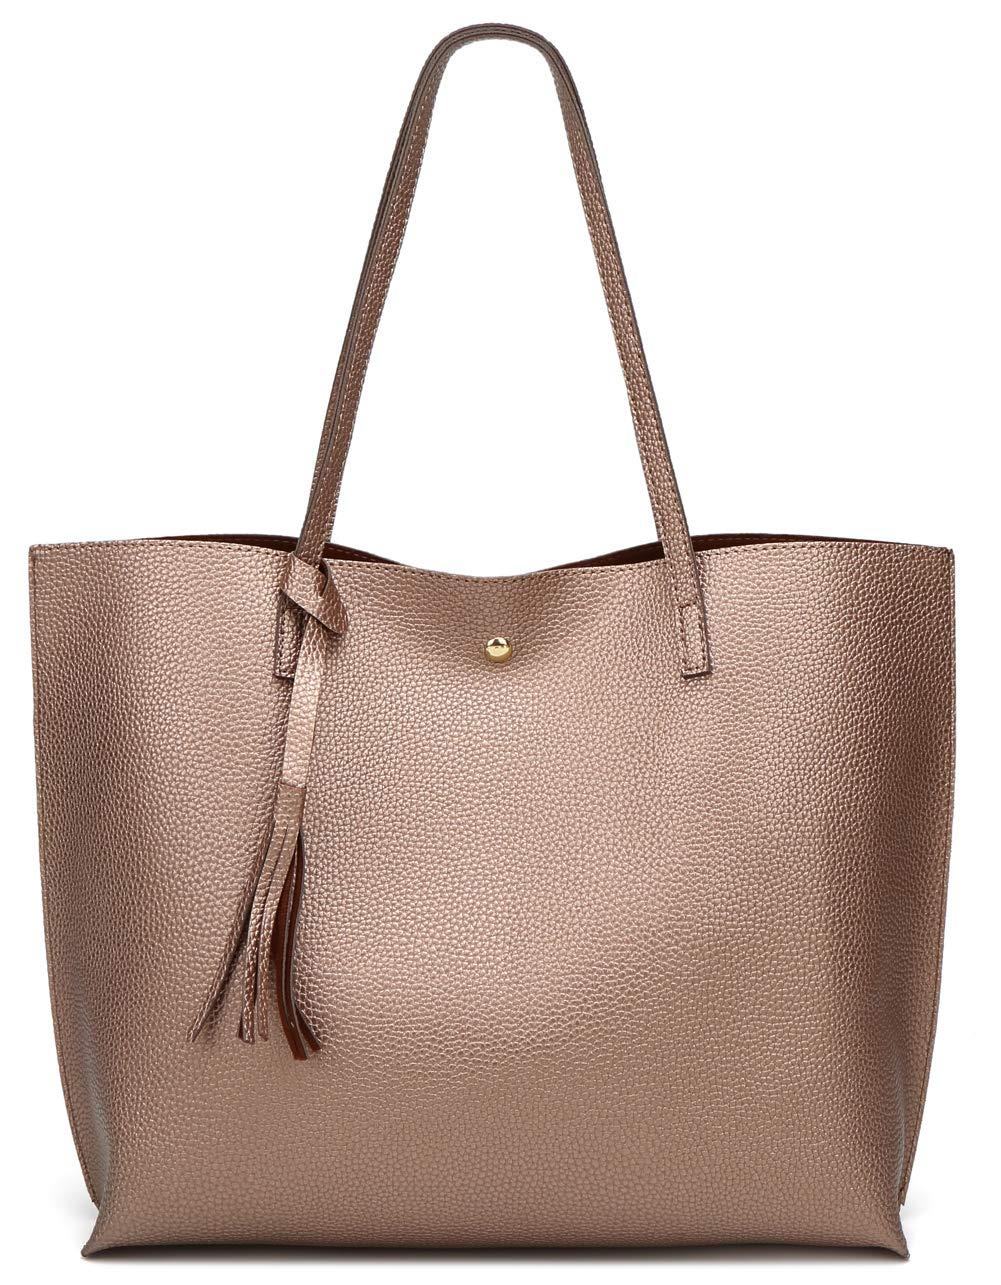 Women's Soft Leather Tote Shoulder Bag from Dreubea, Big Capacity Tassel Handbag Bronze